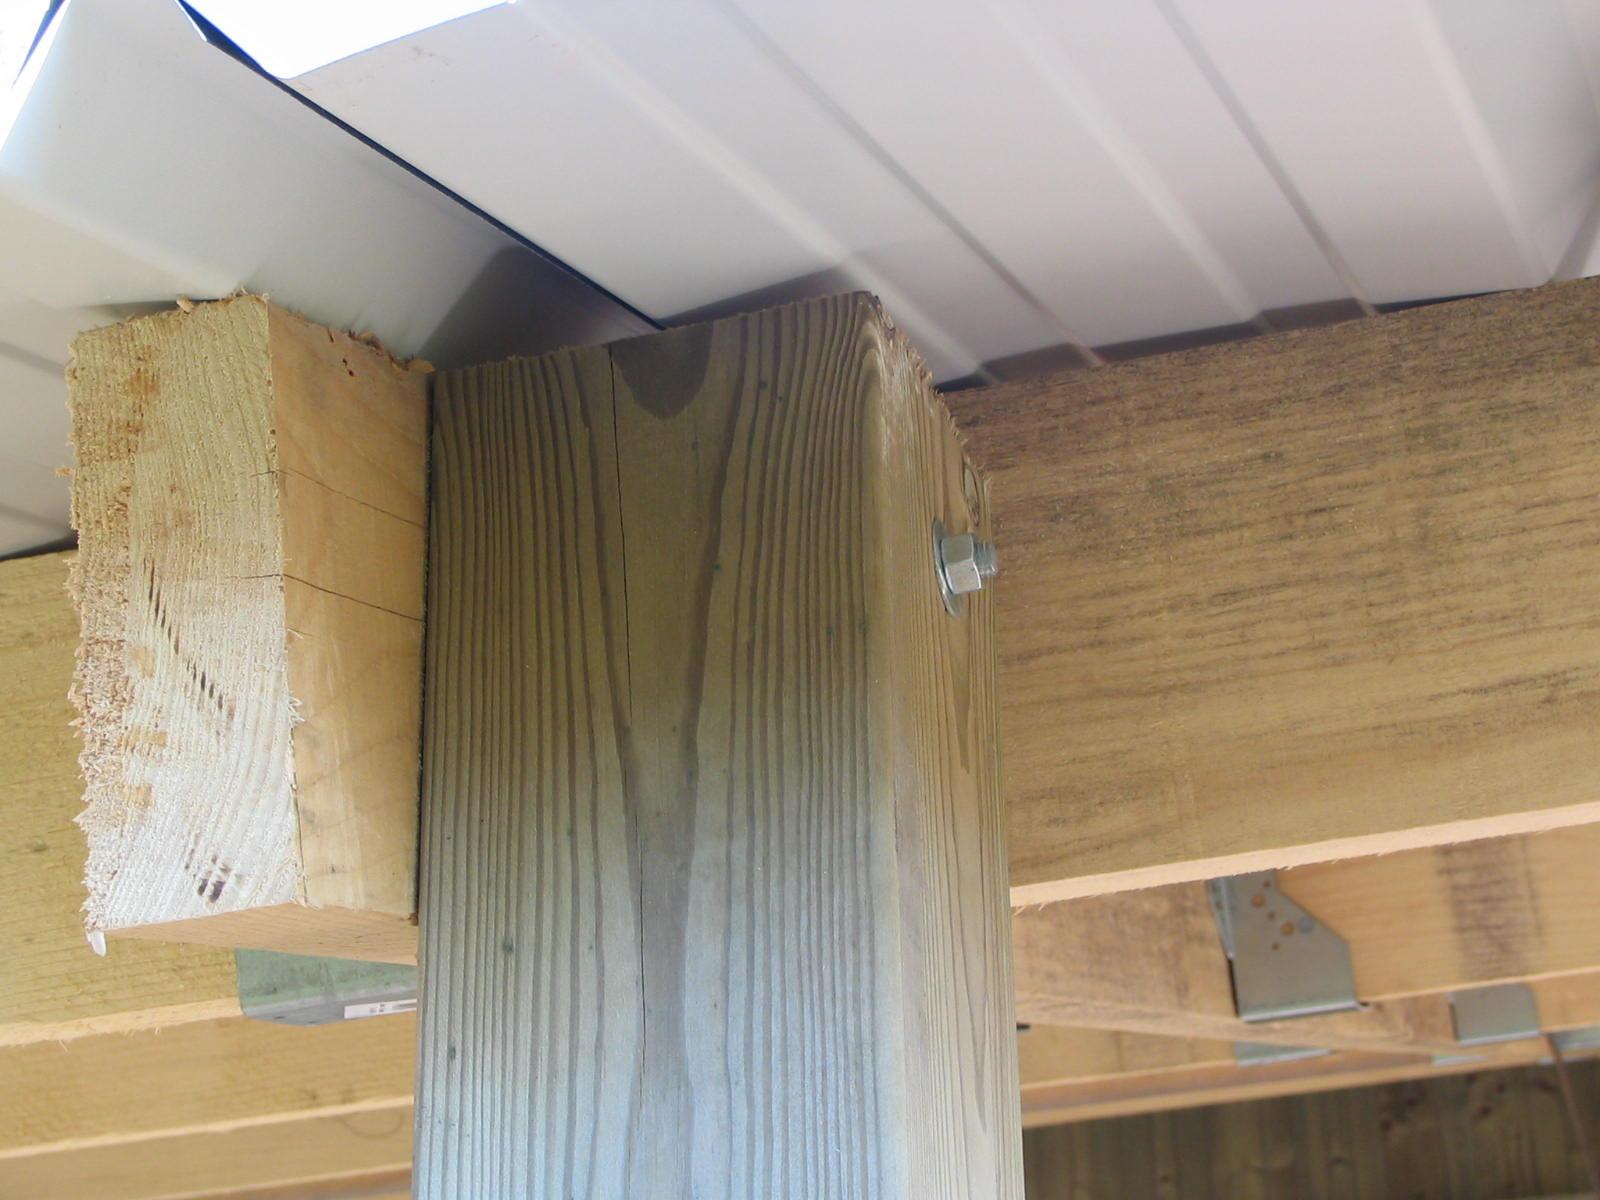 Details d assemblage construction hangar bois - Cout construction hangar ...